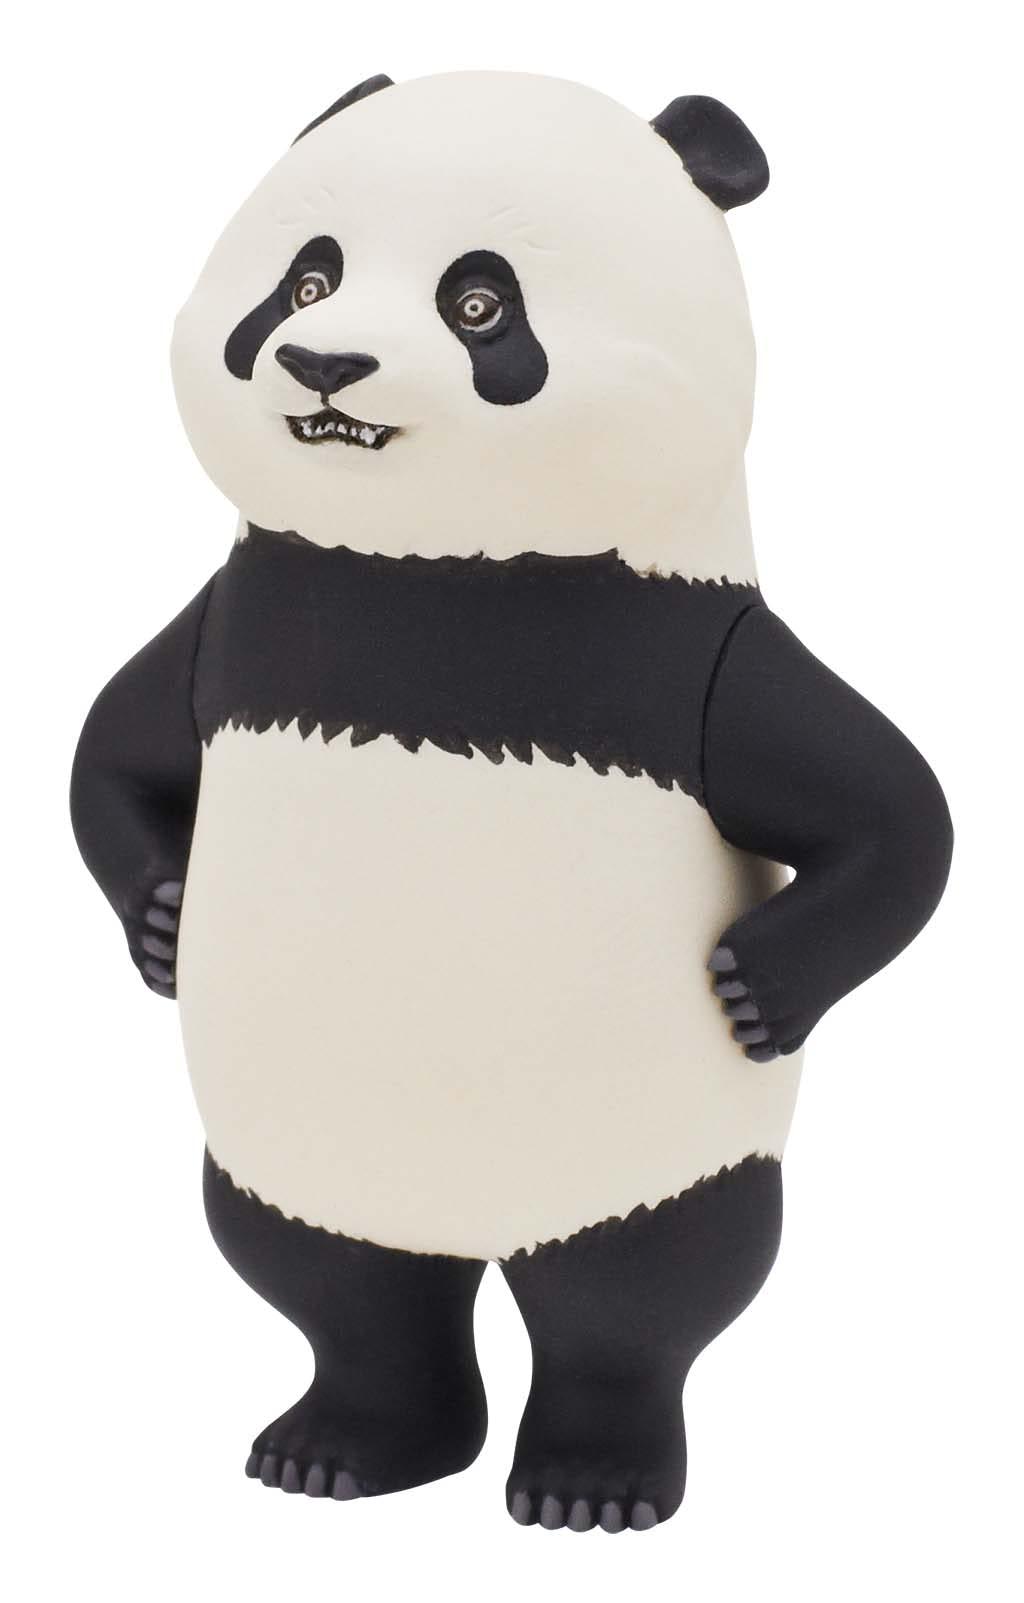 球 パンダ 肉 パンダの食べ物は竹や笹だけ?可愛いわりに意外な一面も